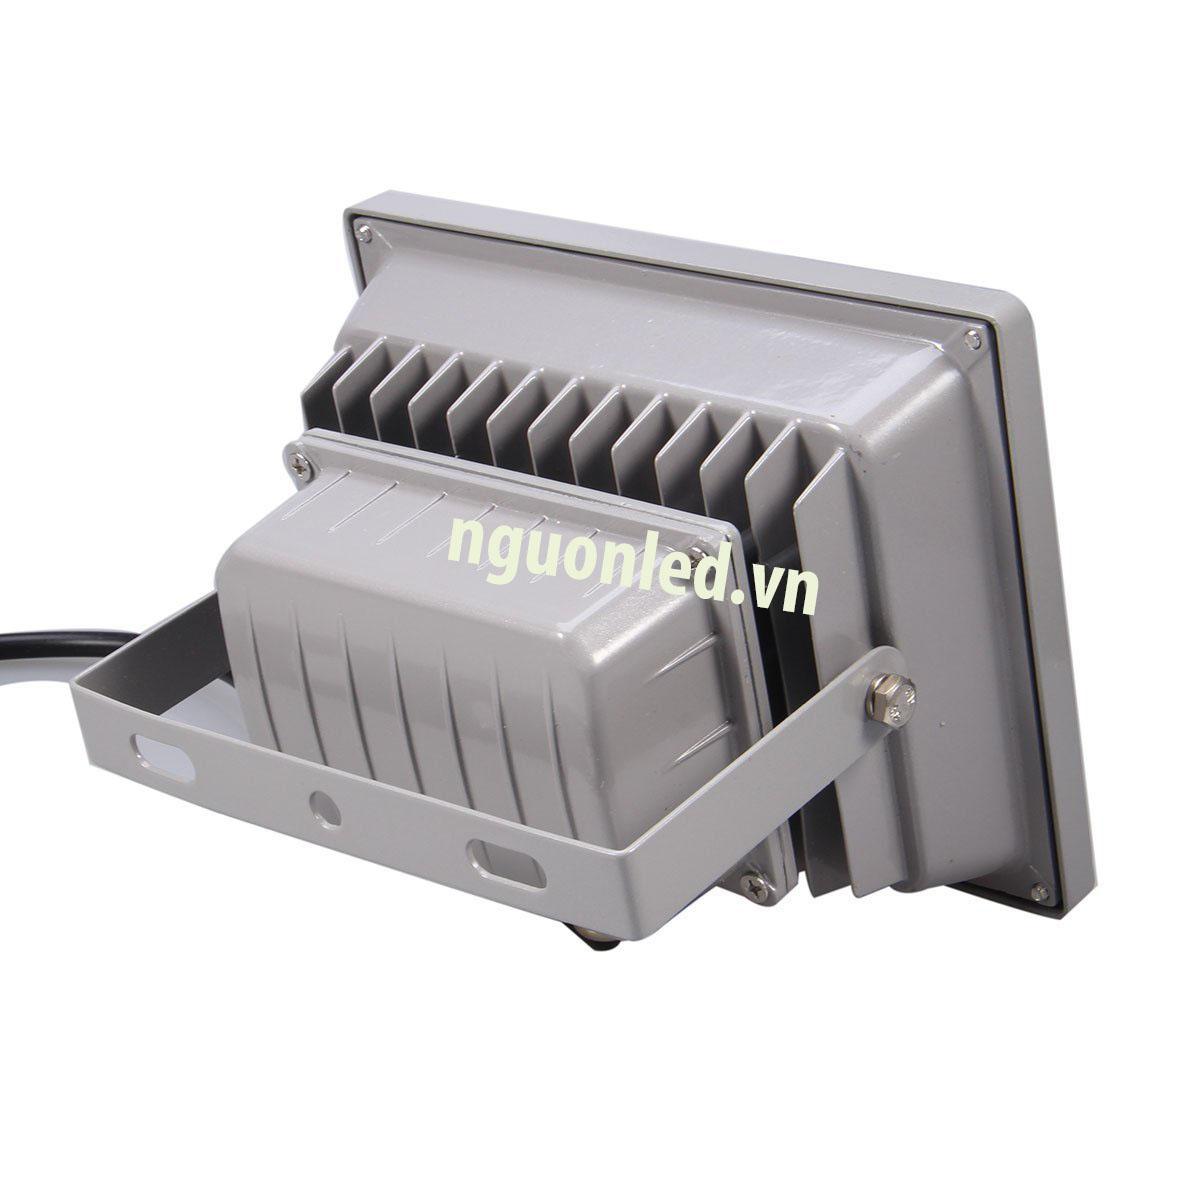 Đèn pha 10W dày, loại tốt, bảo hành 2 năm mua tại nguonled.vn